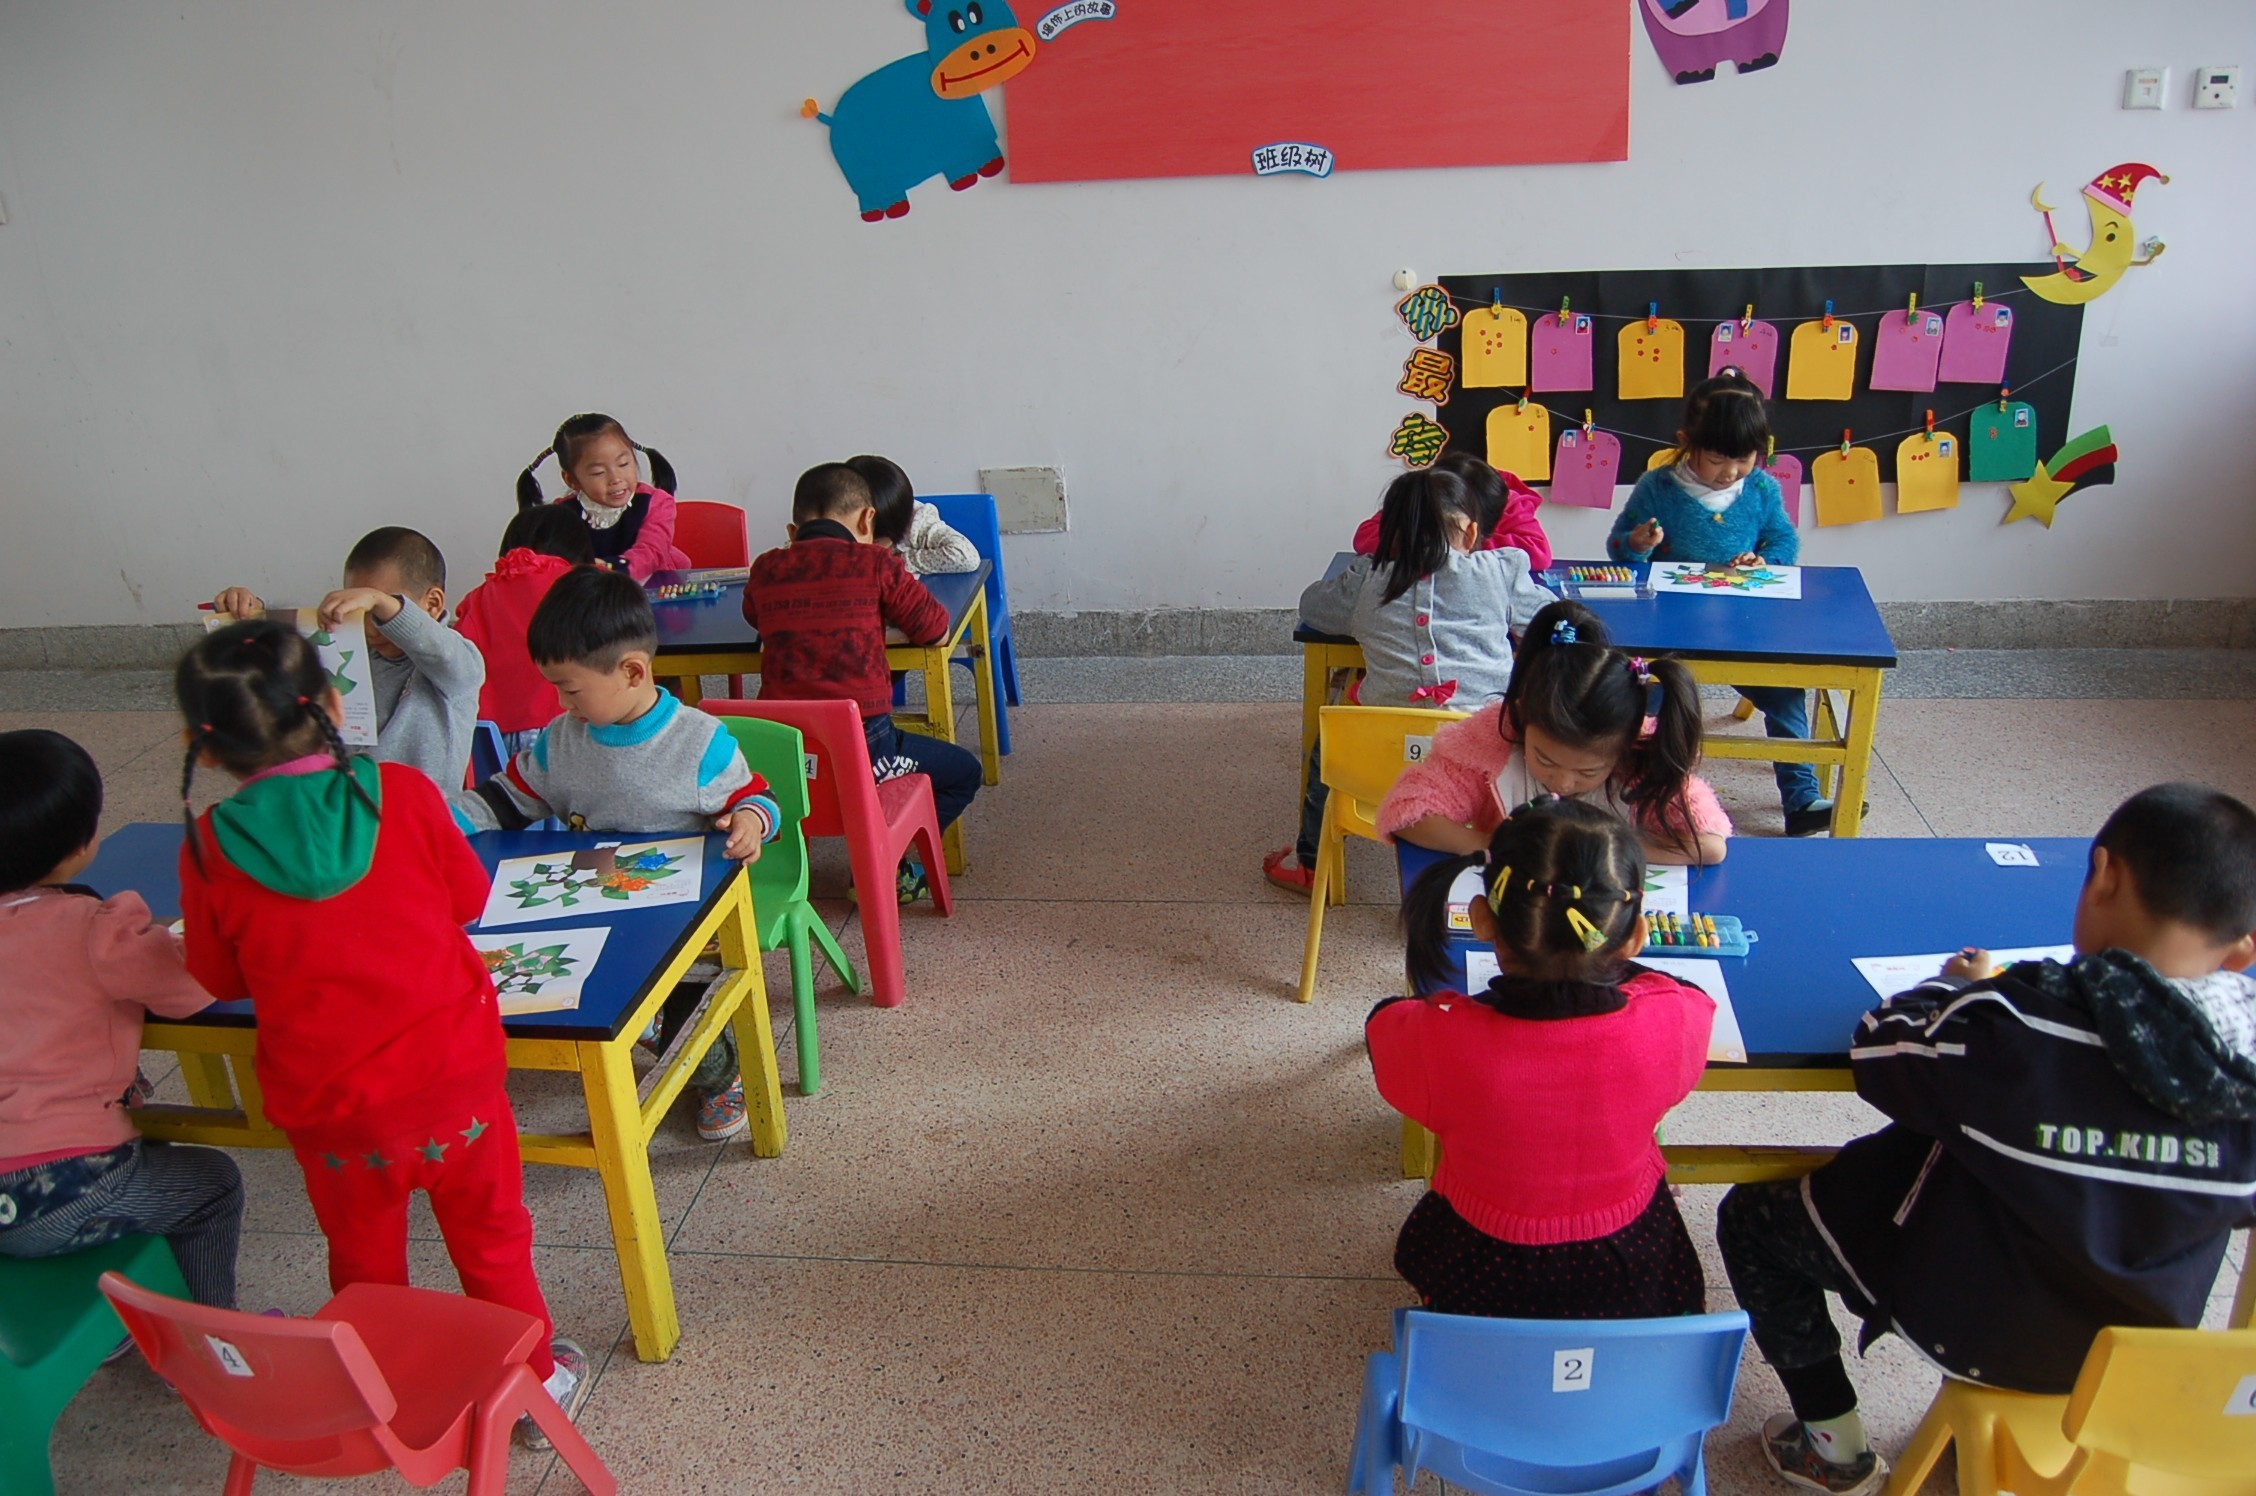 慢慢的,孩子们适应了幼儿园的新生活,新环境.